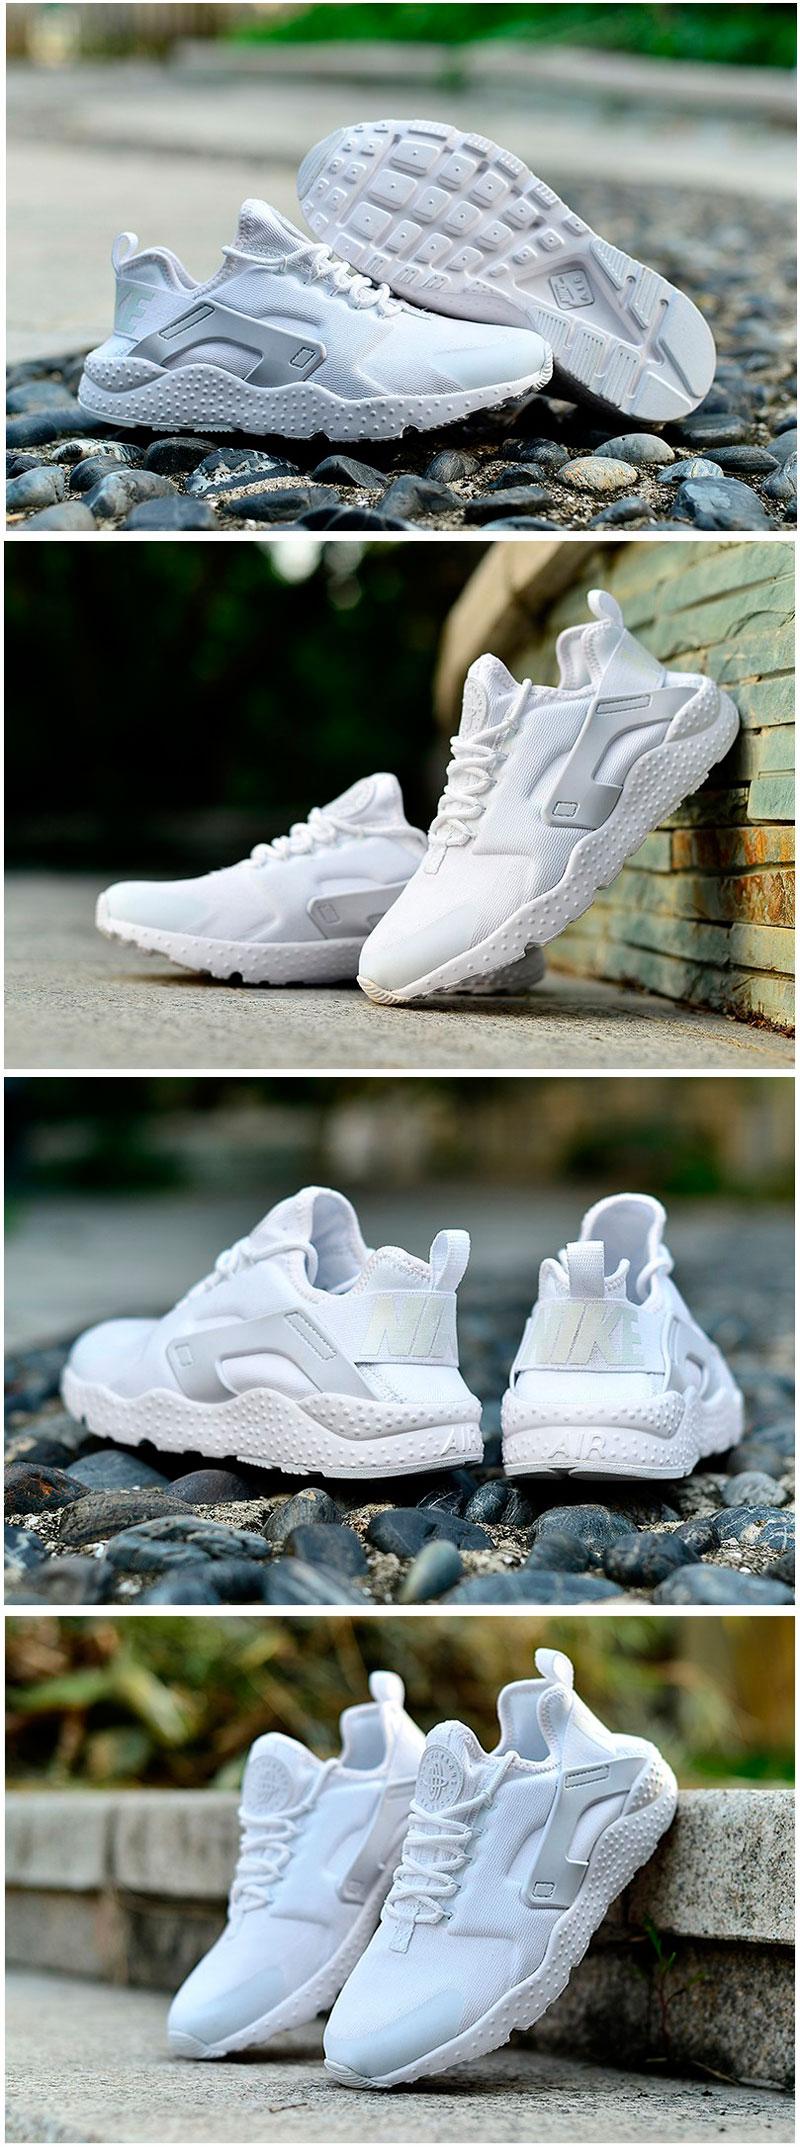 большое фото №6 Женские кроссовки Nike Huarache ultra белые